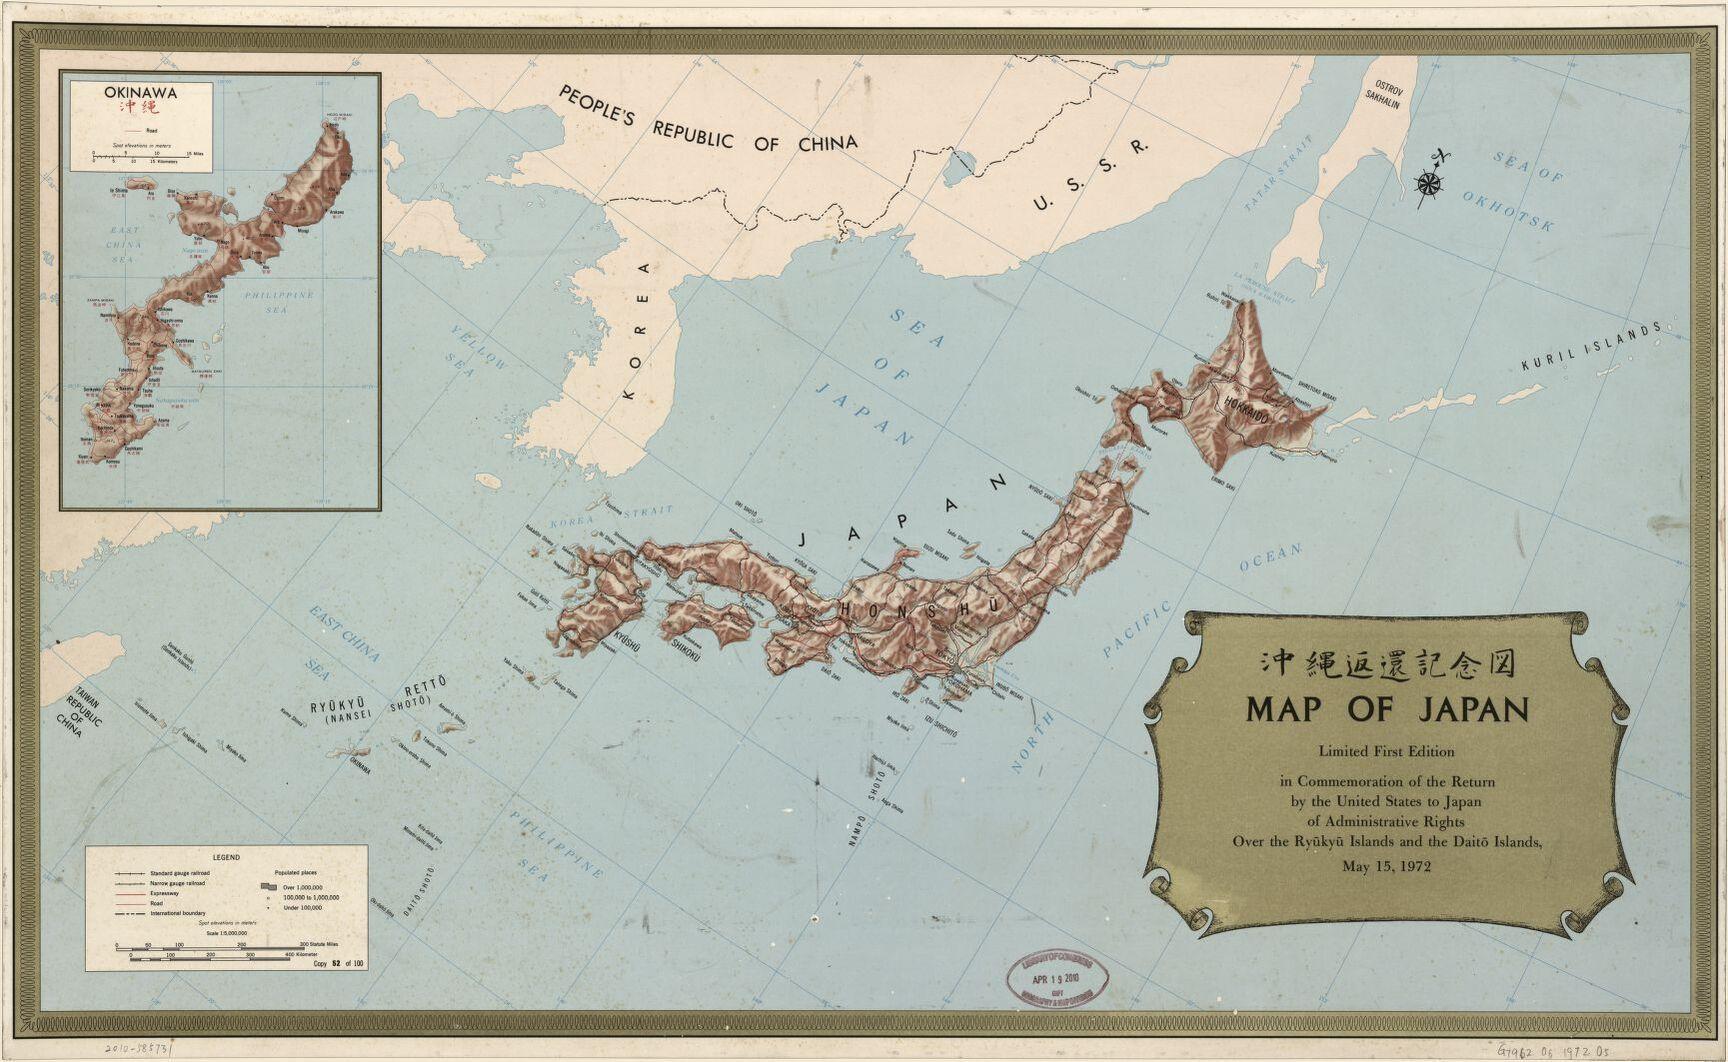 米国議会図書館で保存公開されている日本の地図_c0025115_21492731.jpg